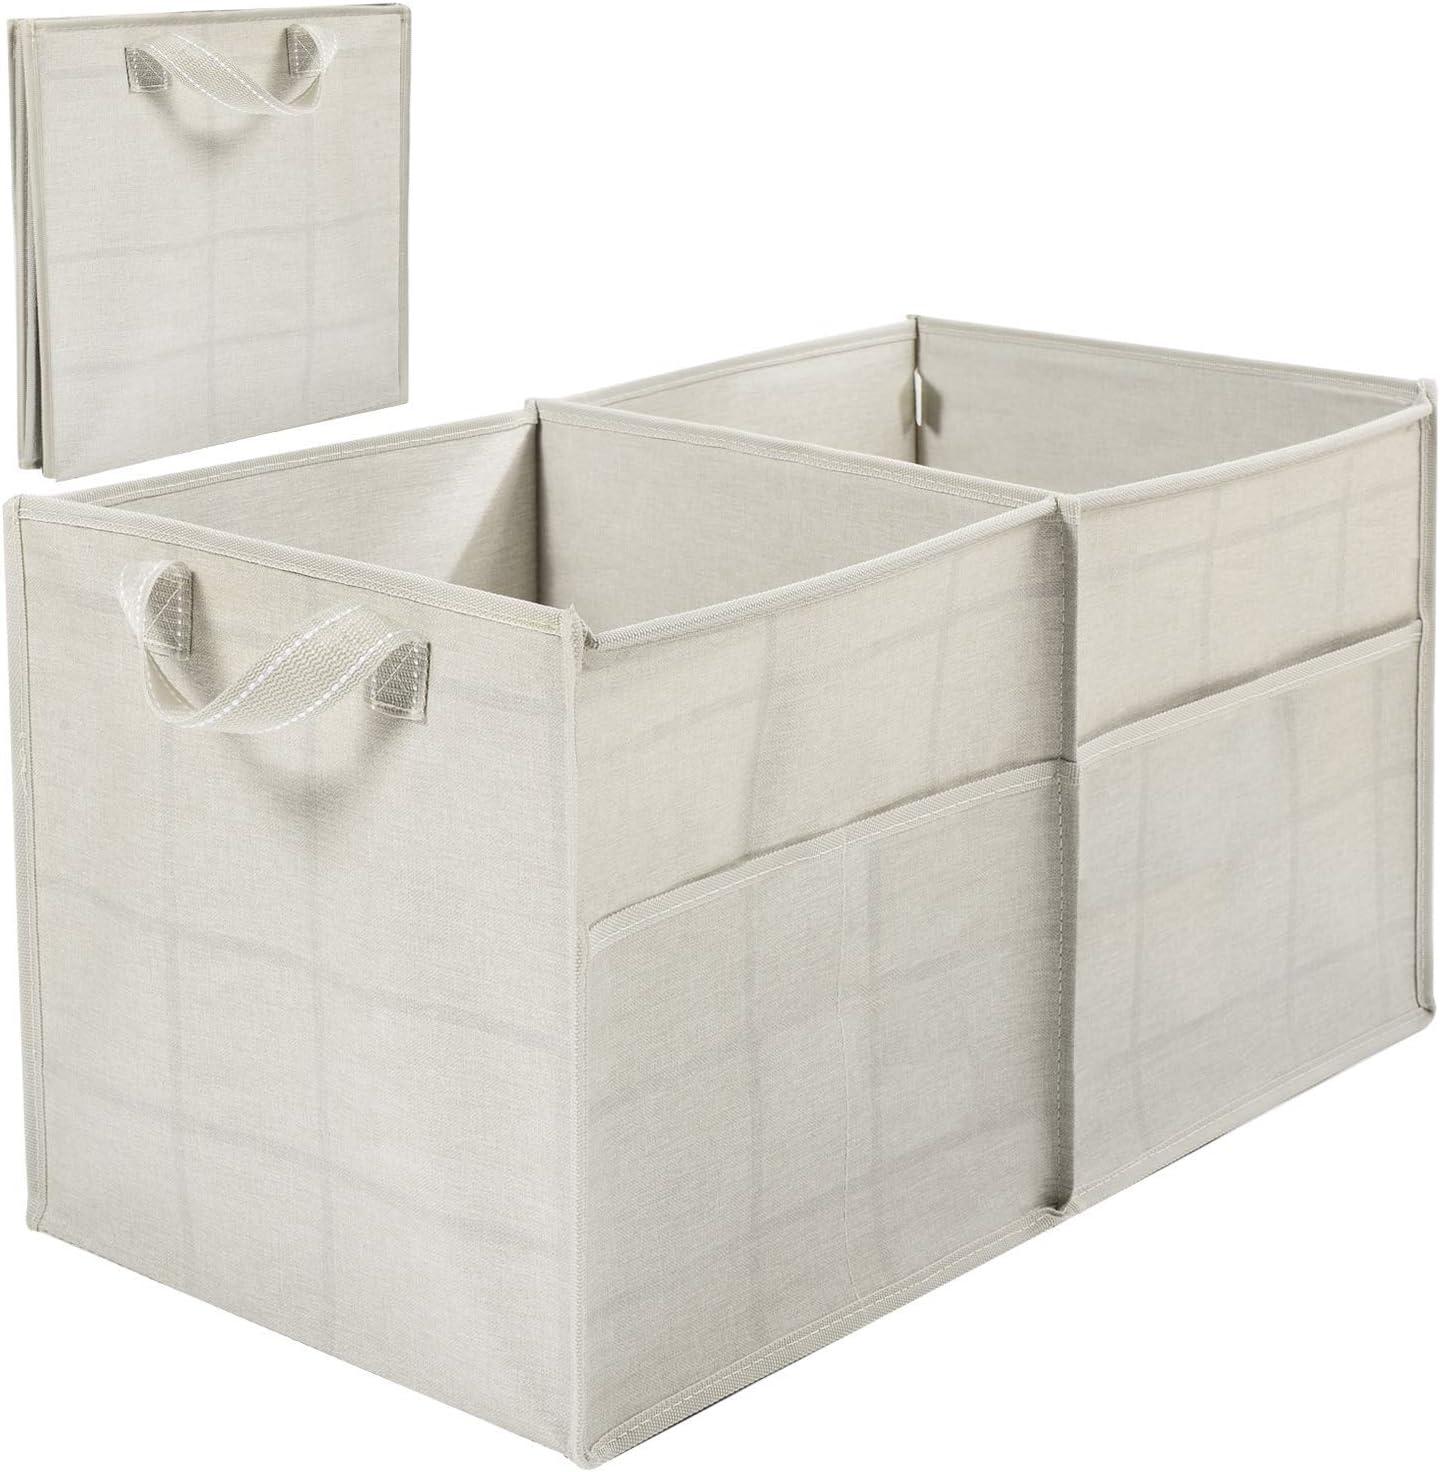 Veno Faltbarer Kofferraum Organizer Erweiterbarer Großer Kapazität Tragbarer Kofferraum Organizer Mit Tragegurt Beige Fensterscheibe Baumarkt